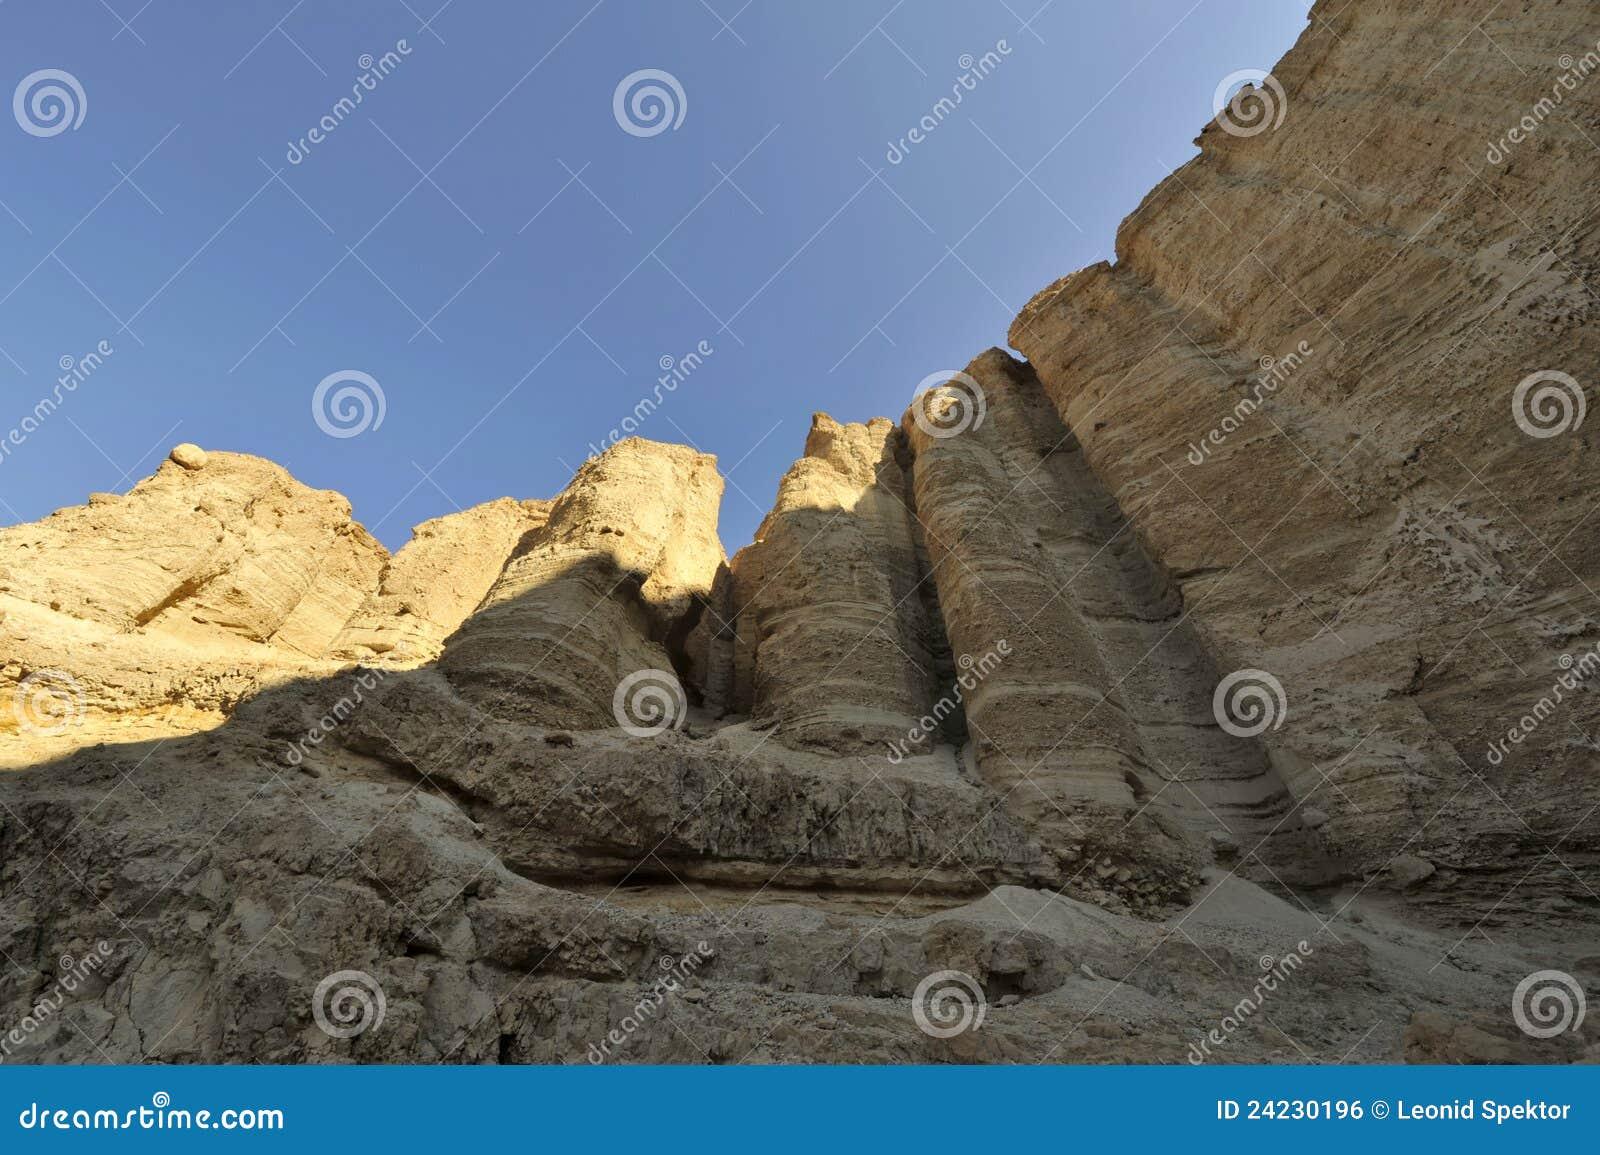 De pijlers van de steen in woestijn Judea.